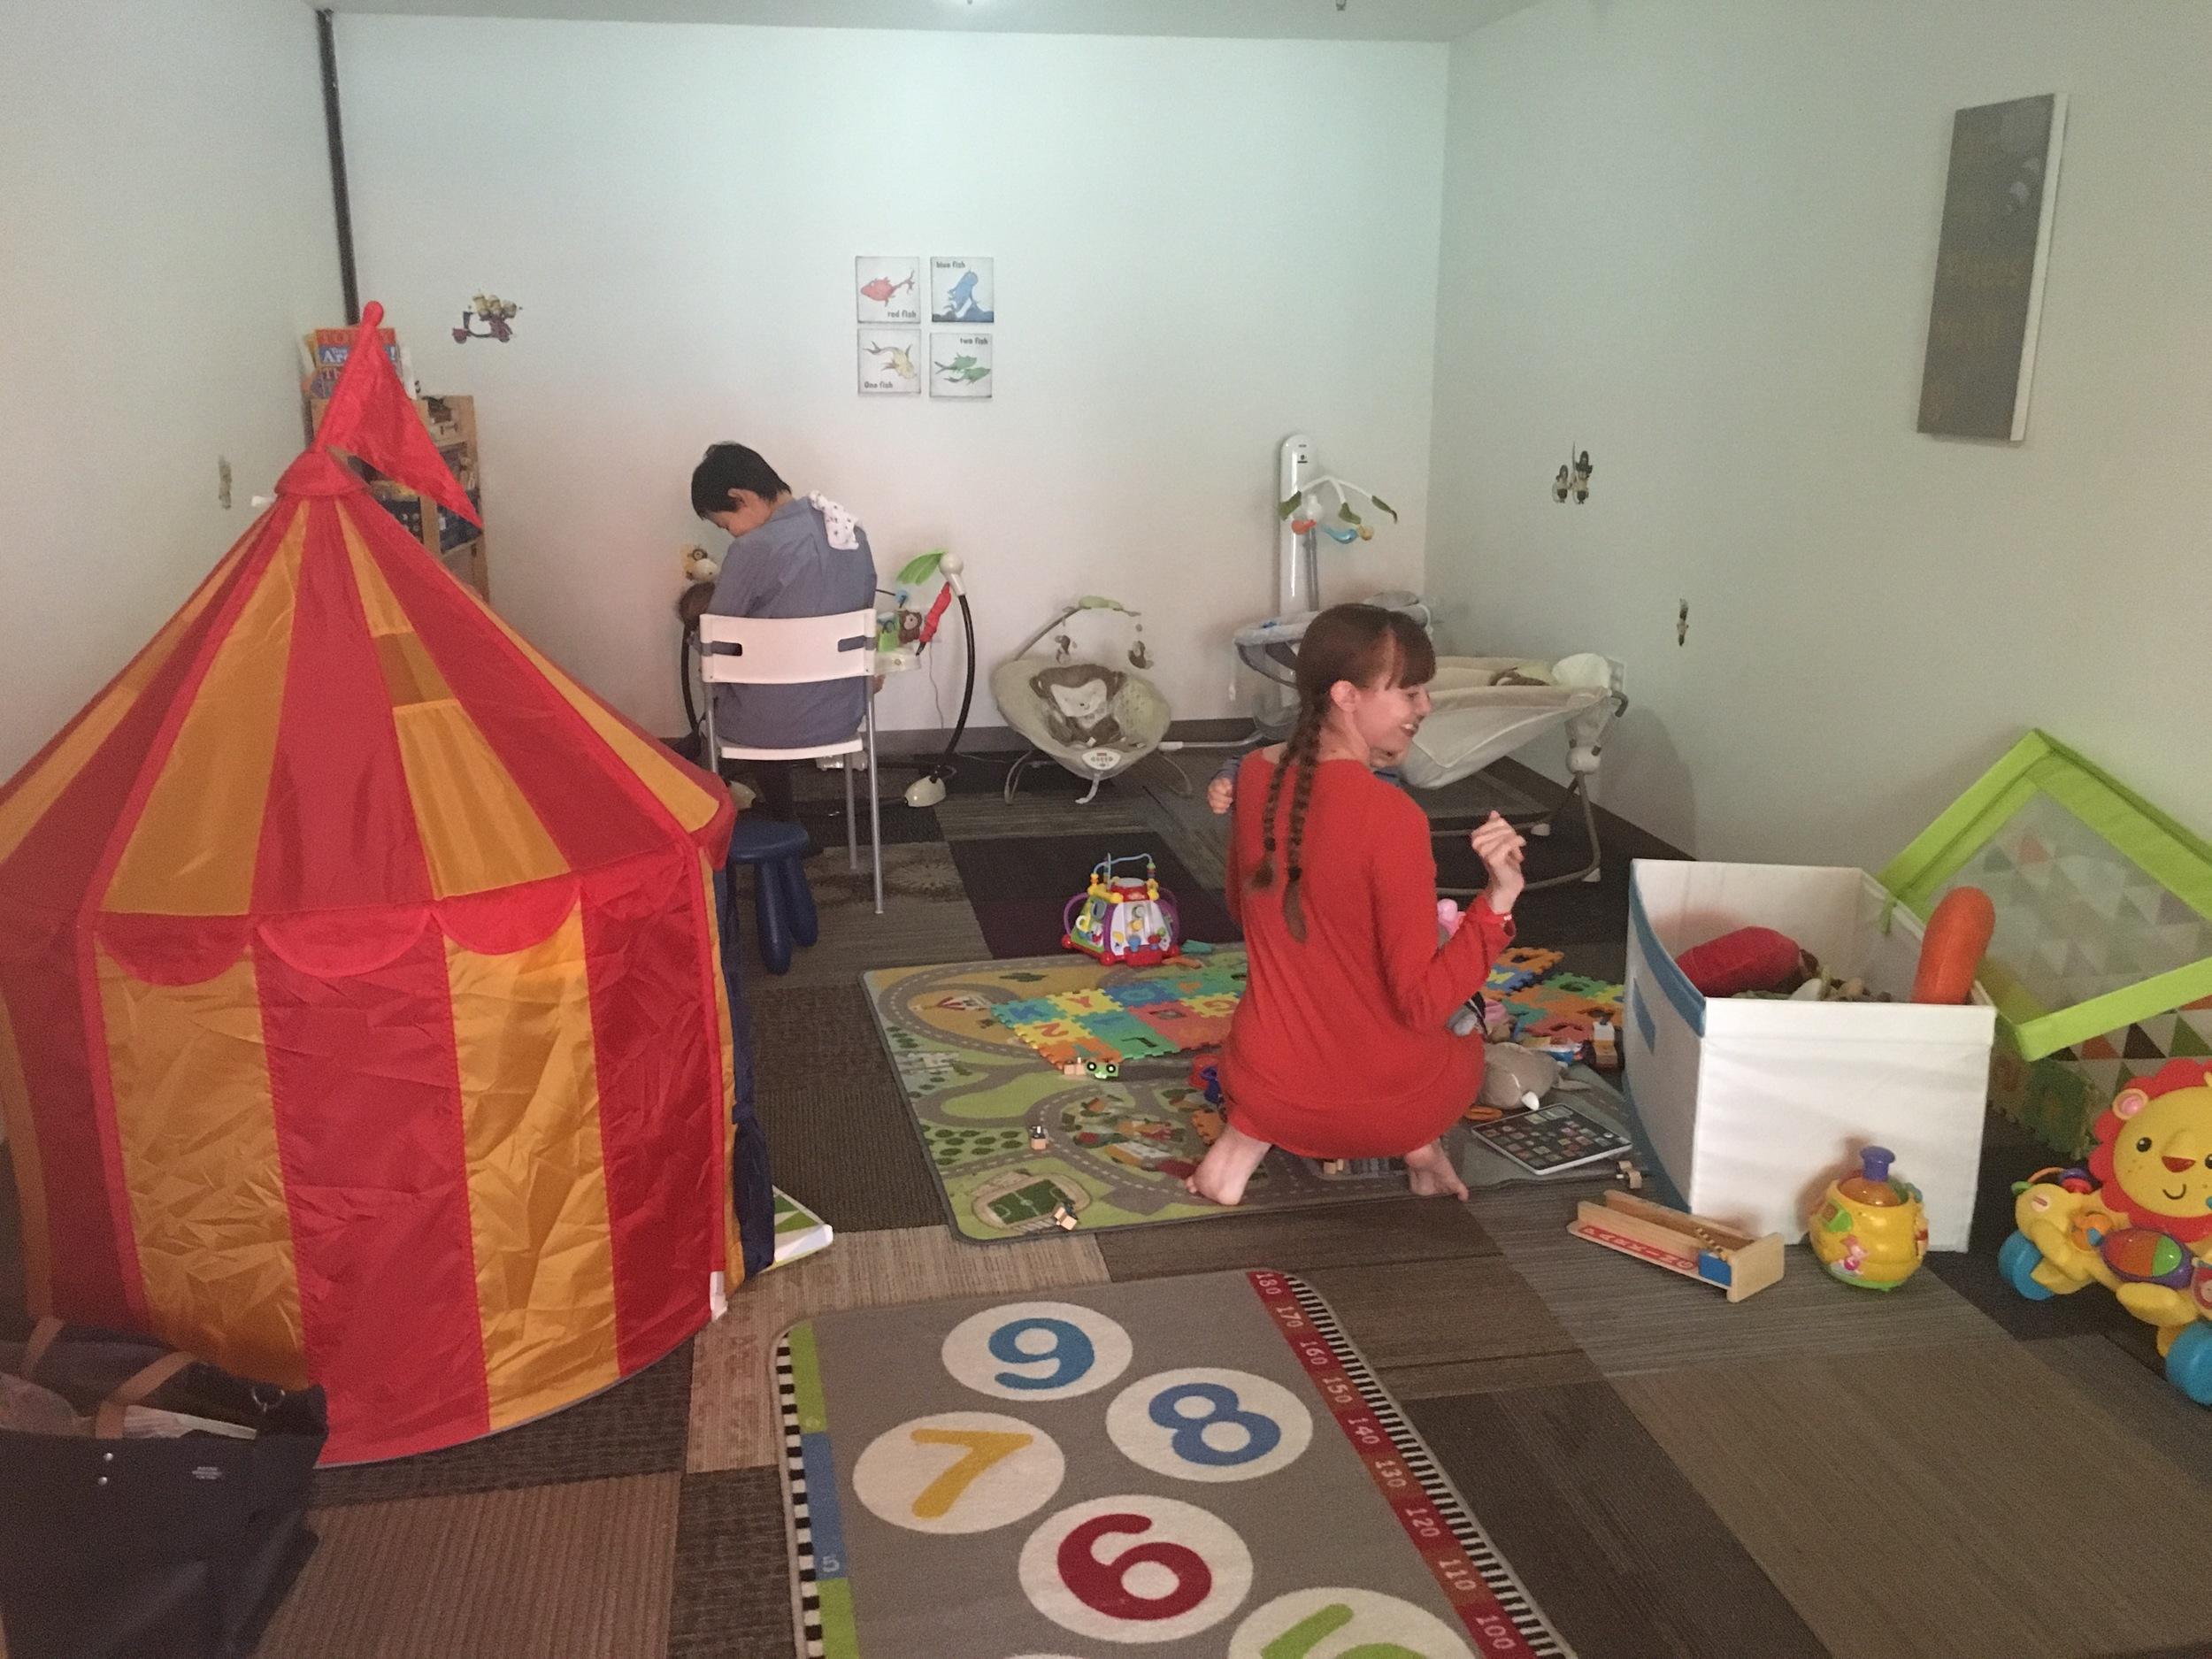 ワーキングスペースの隣にある別室がチャイルドケアになっています。現在対象になる子どもは、3ヶ月〜4歳。